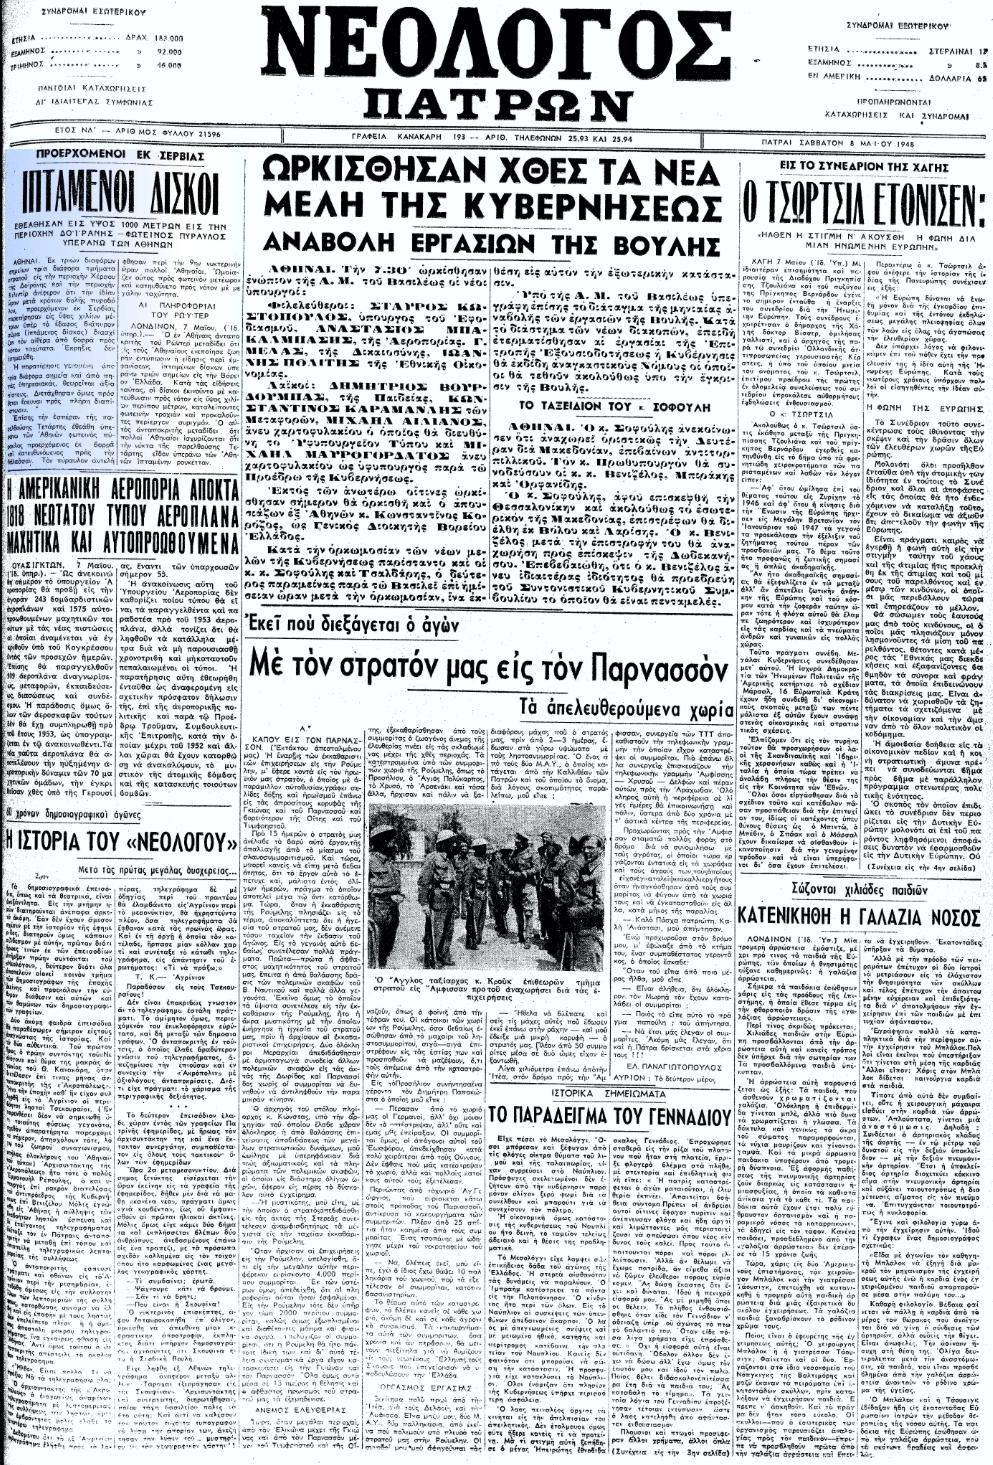 """Το άρθρο, όπως δημοσιεύθηκε στην εφημερίδα """"ΝΕΟΛΟΓΟΣ ΠΑΤΡΩΝ"""", στις 08/05/1948"""